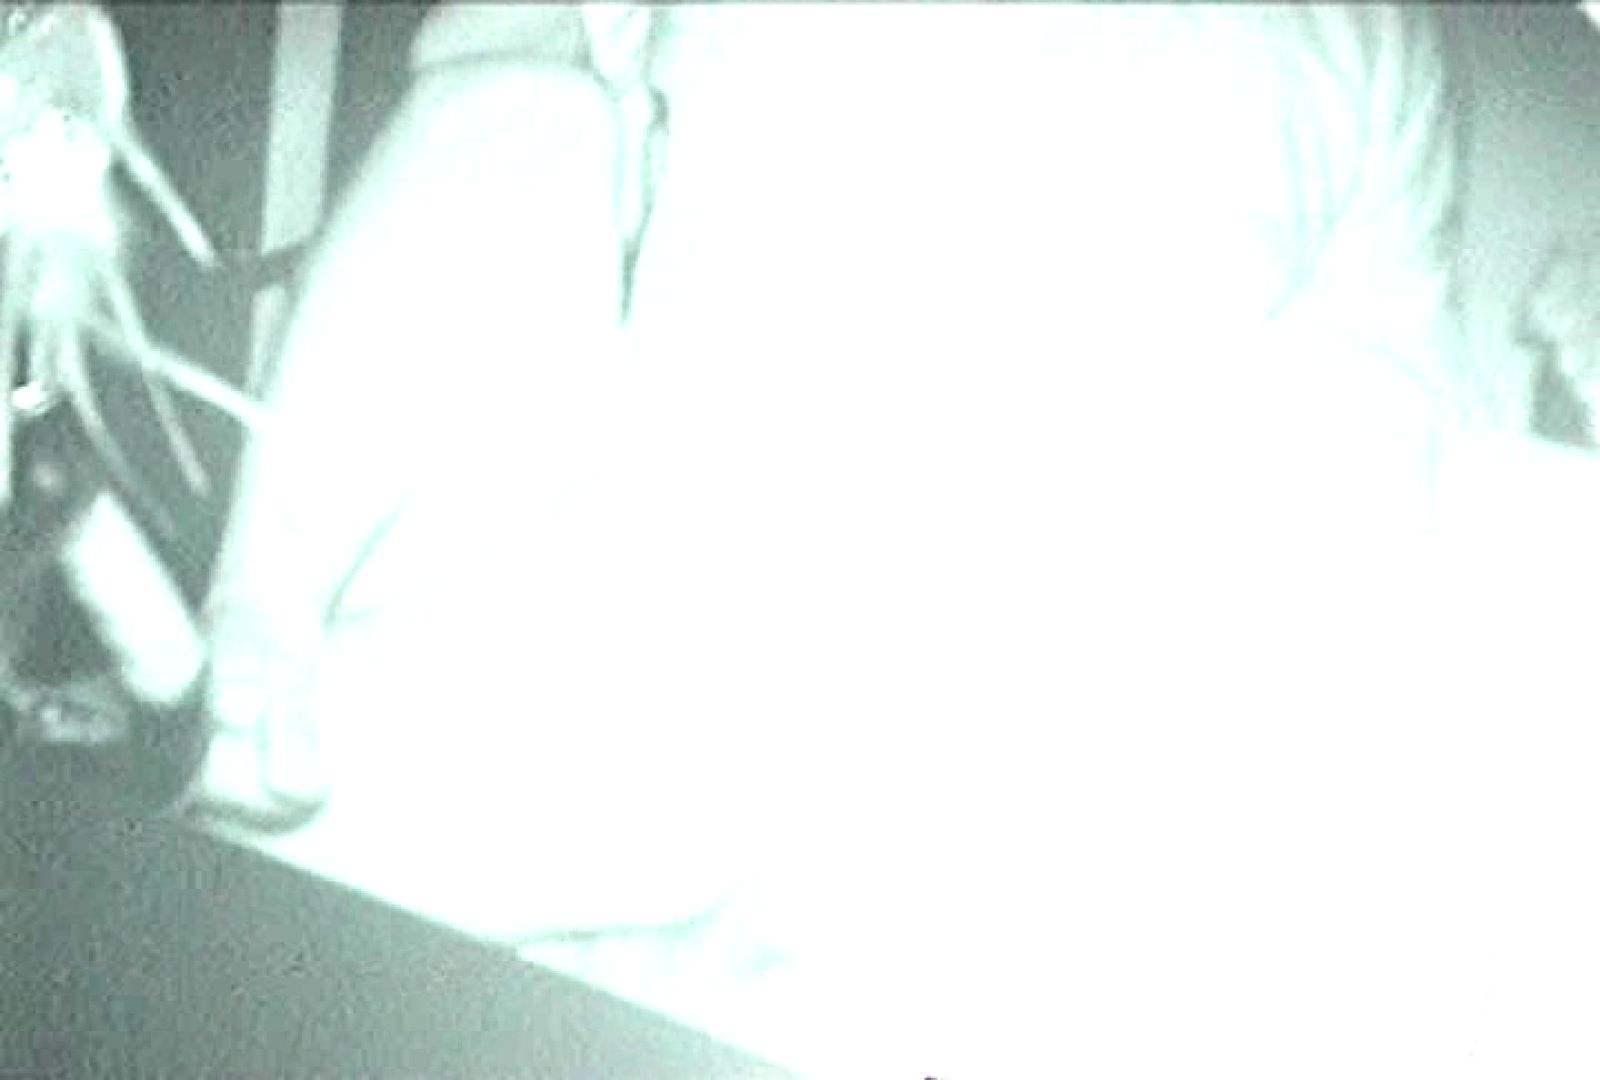 充血監督の深夜の運動会Vol.99 カップルのセックス | OLヌード天国  75PIX 5